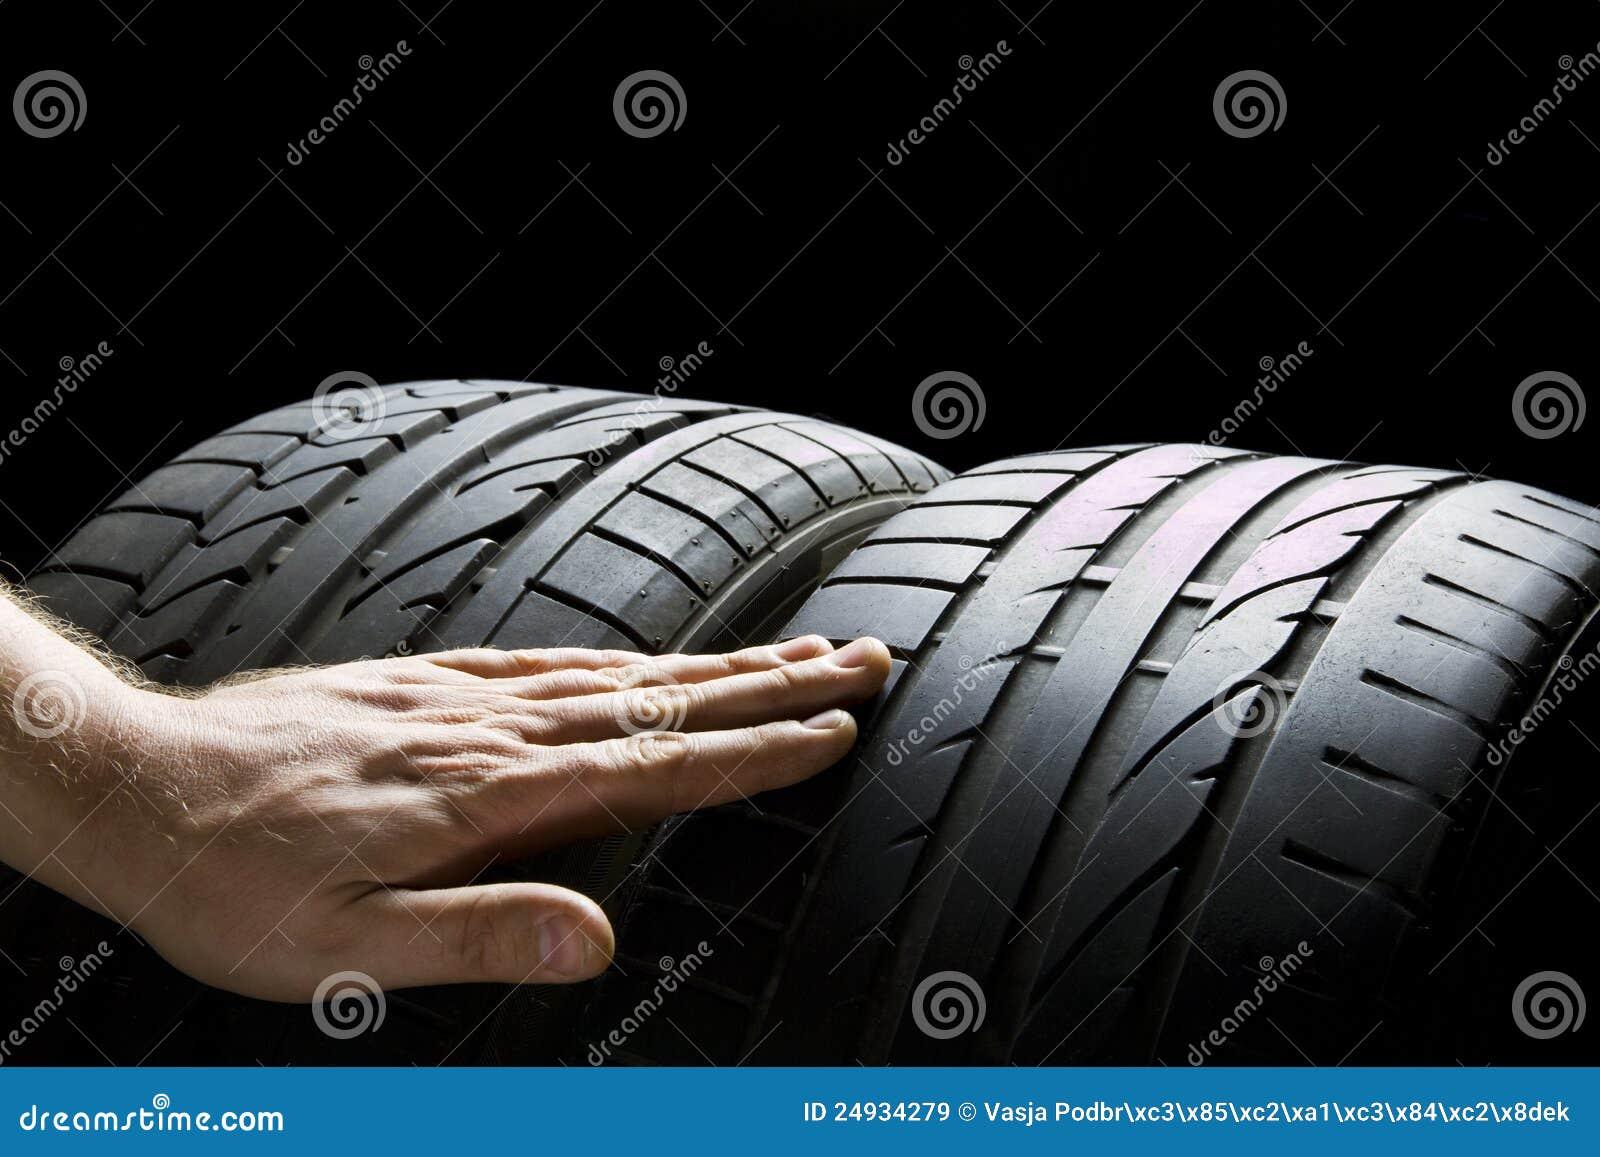 Contrôlez les pneus